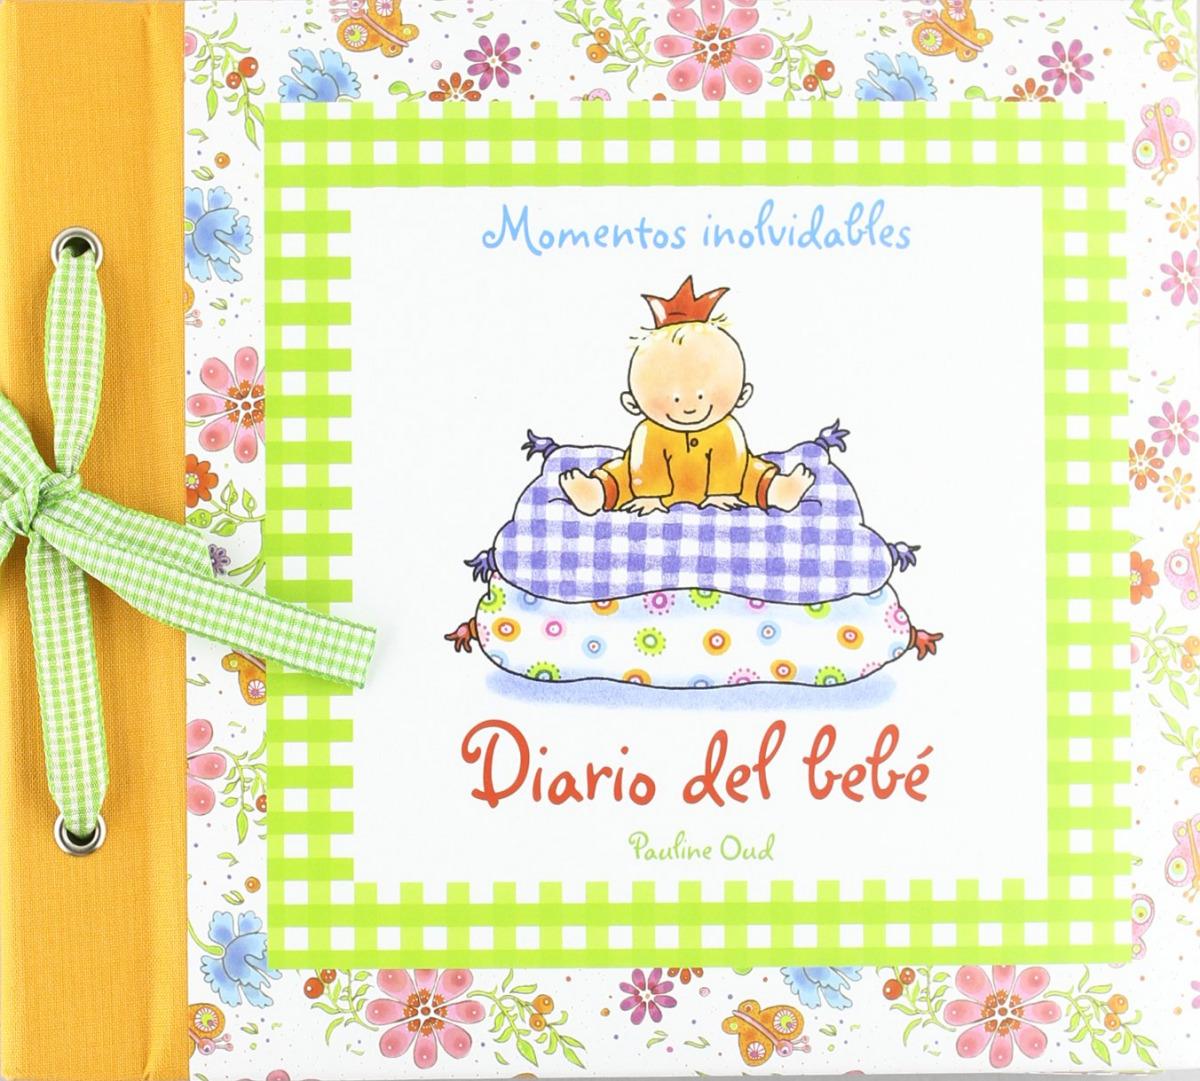 Diario del bebé